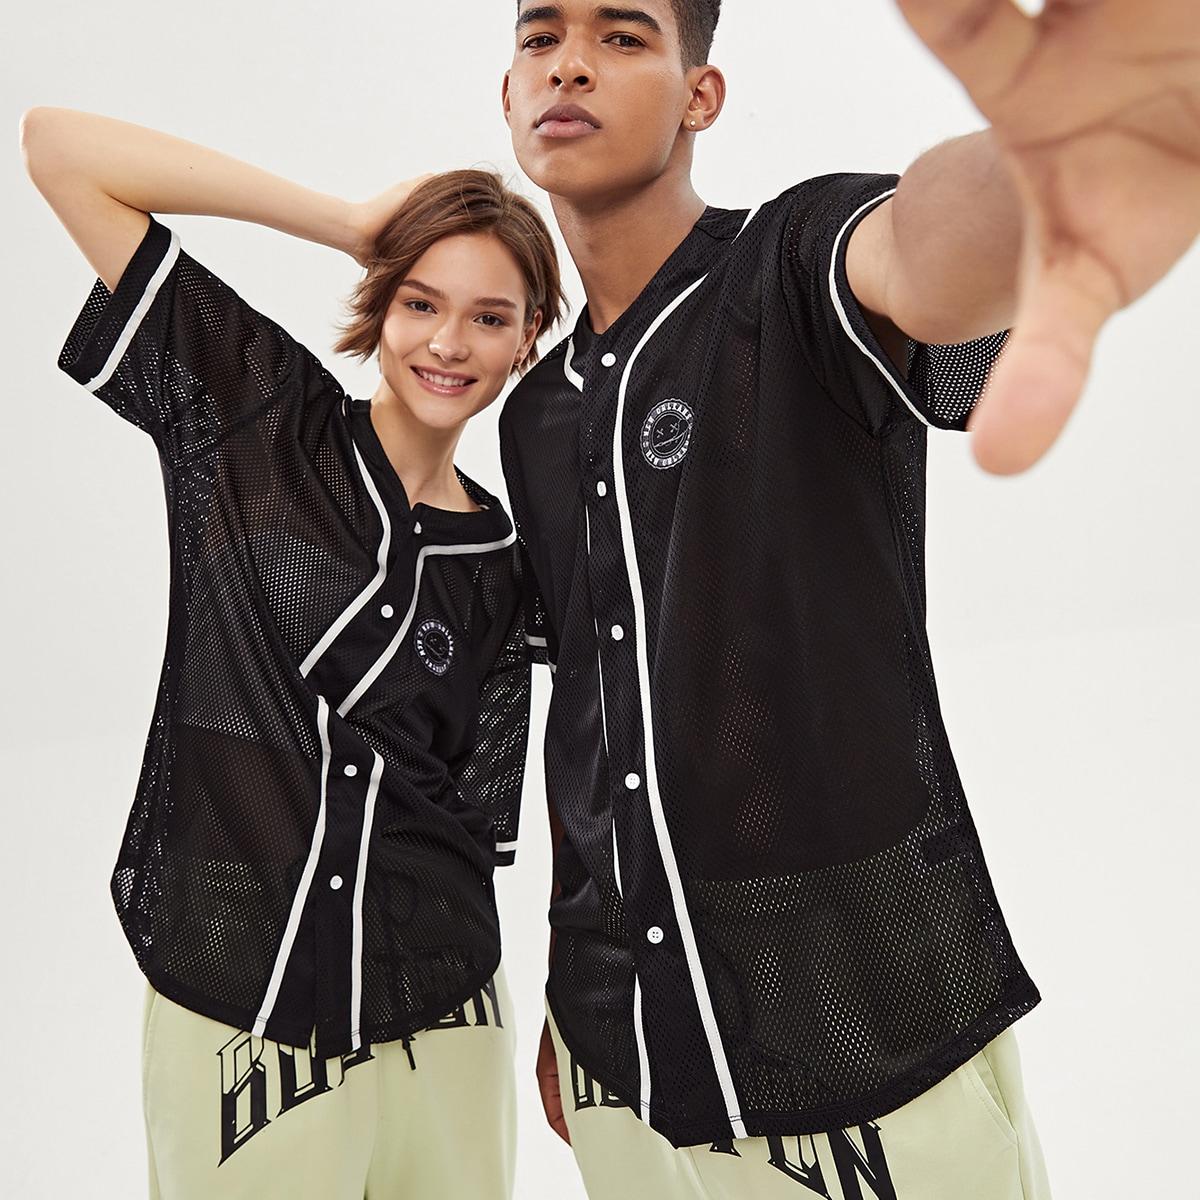 Рубашка и с текстовой вышивкой с контрастной отделкой ушко